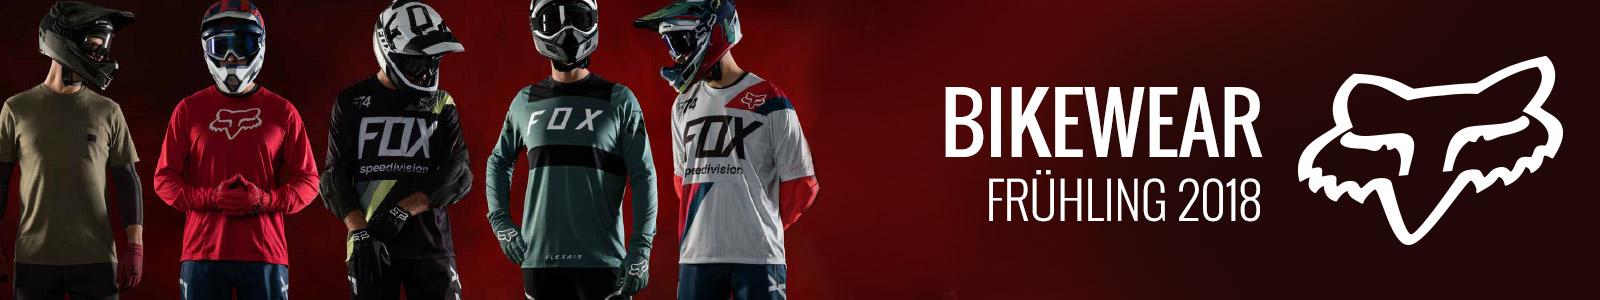 Fox Bikewear Frühling 2018